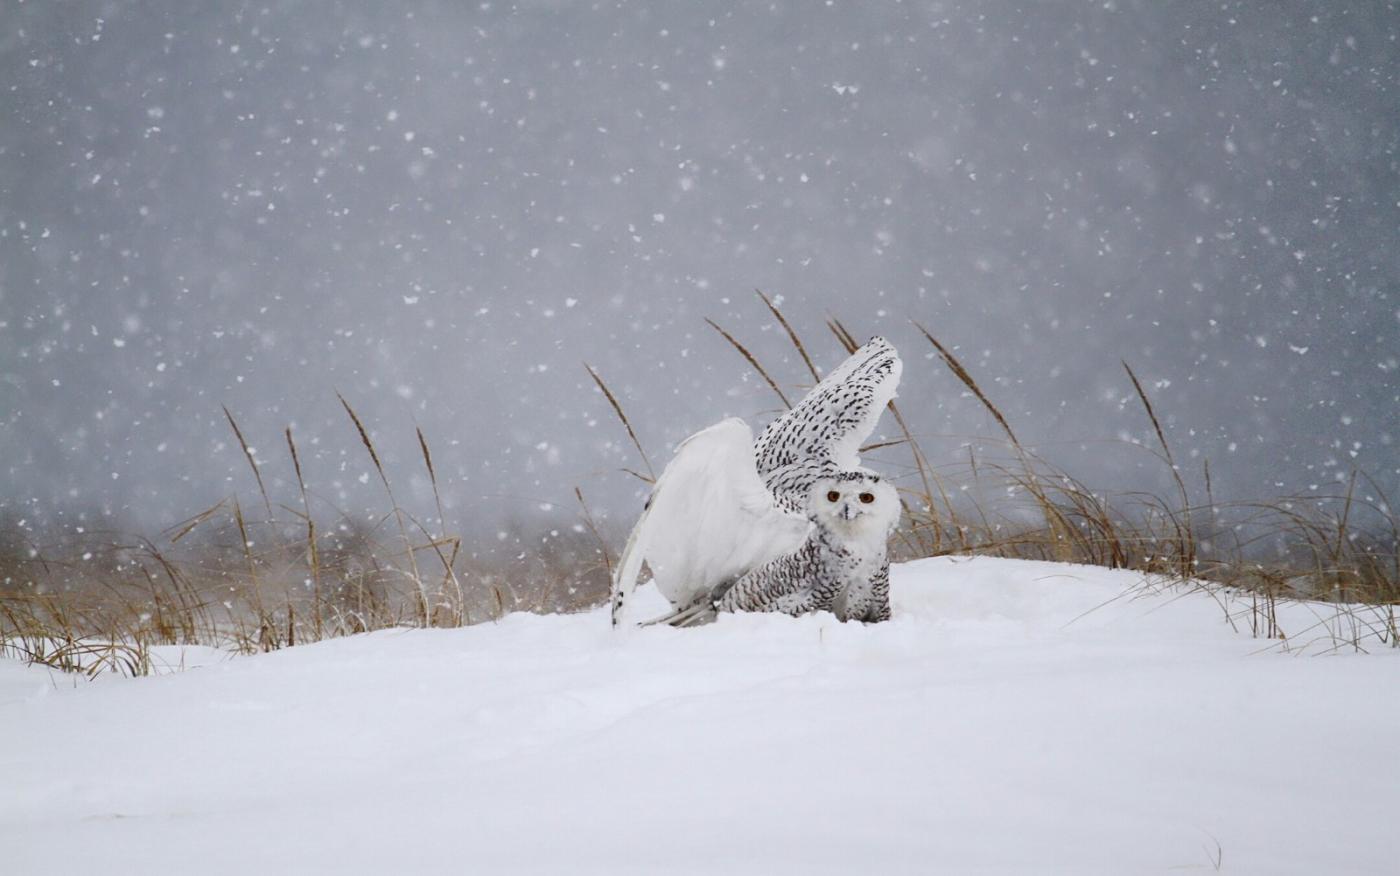 【田螺摄影】它坐着我坐着~抓拍雪猫鹰的萌态_图1-23